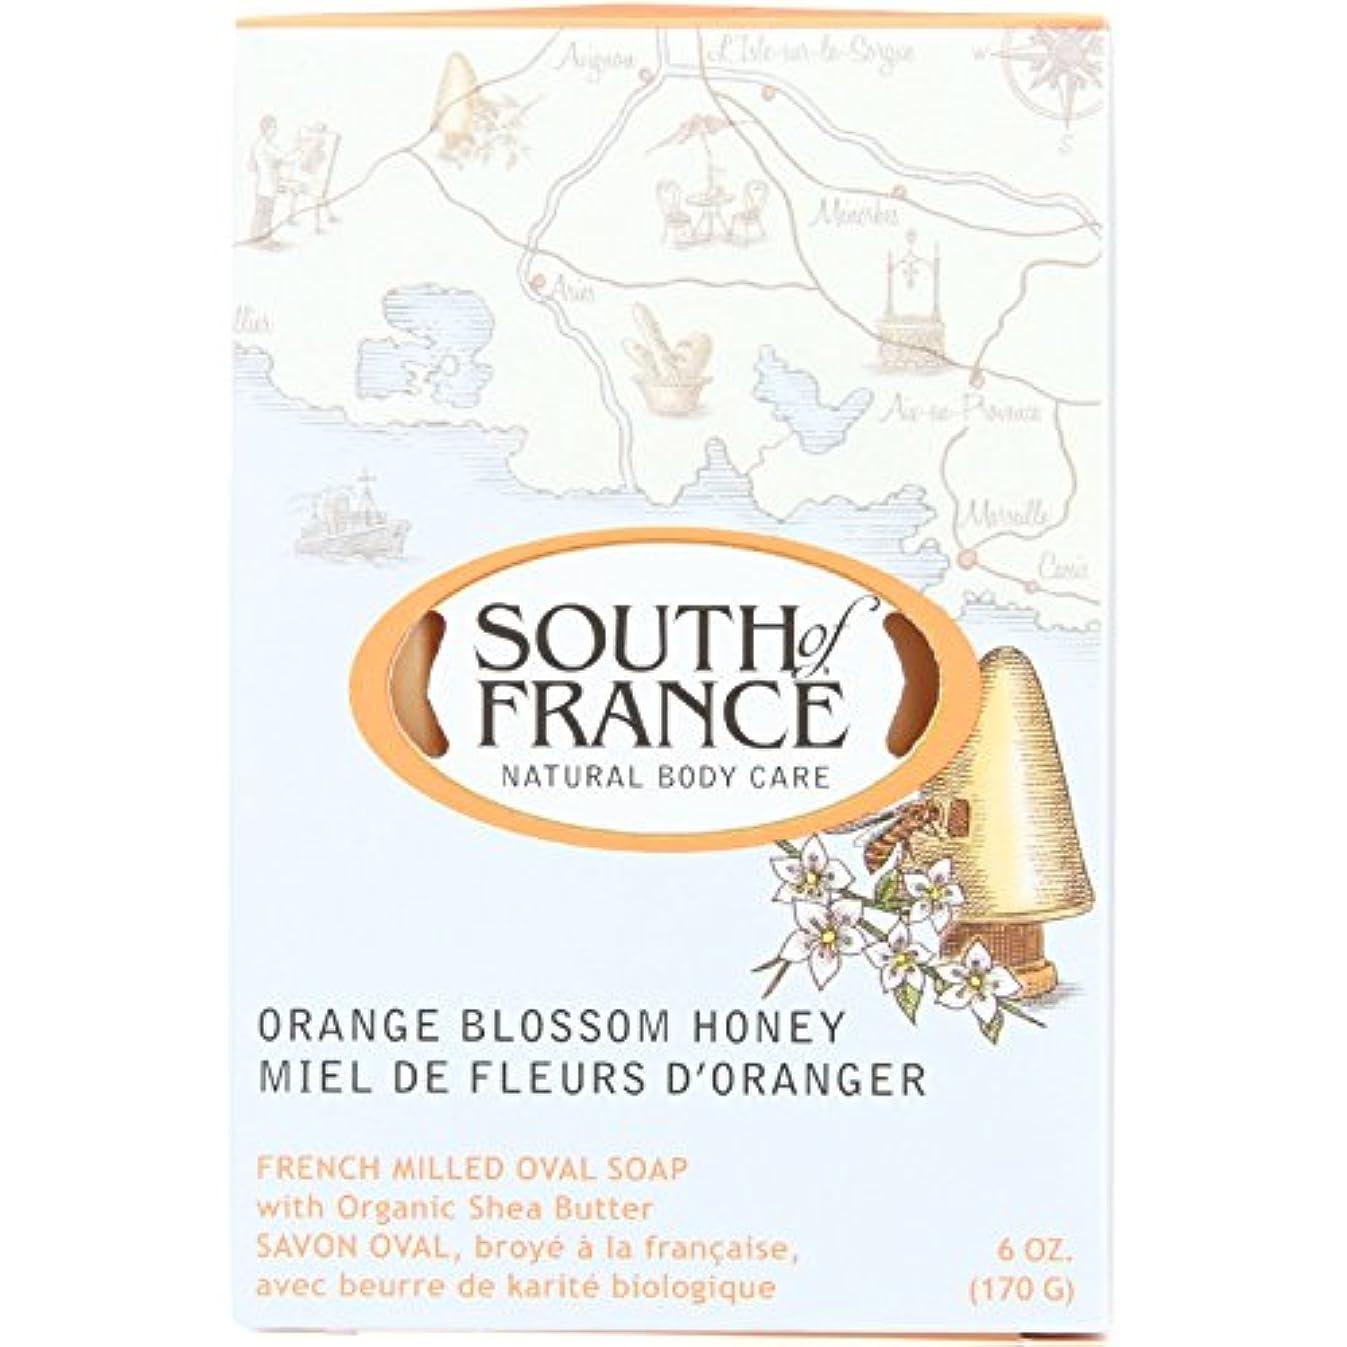 非互換コイルバットSouth of France - フランスの製粉された野菜棒石鹸のオレンジ花の蜂蜜 - 6ポンド